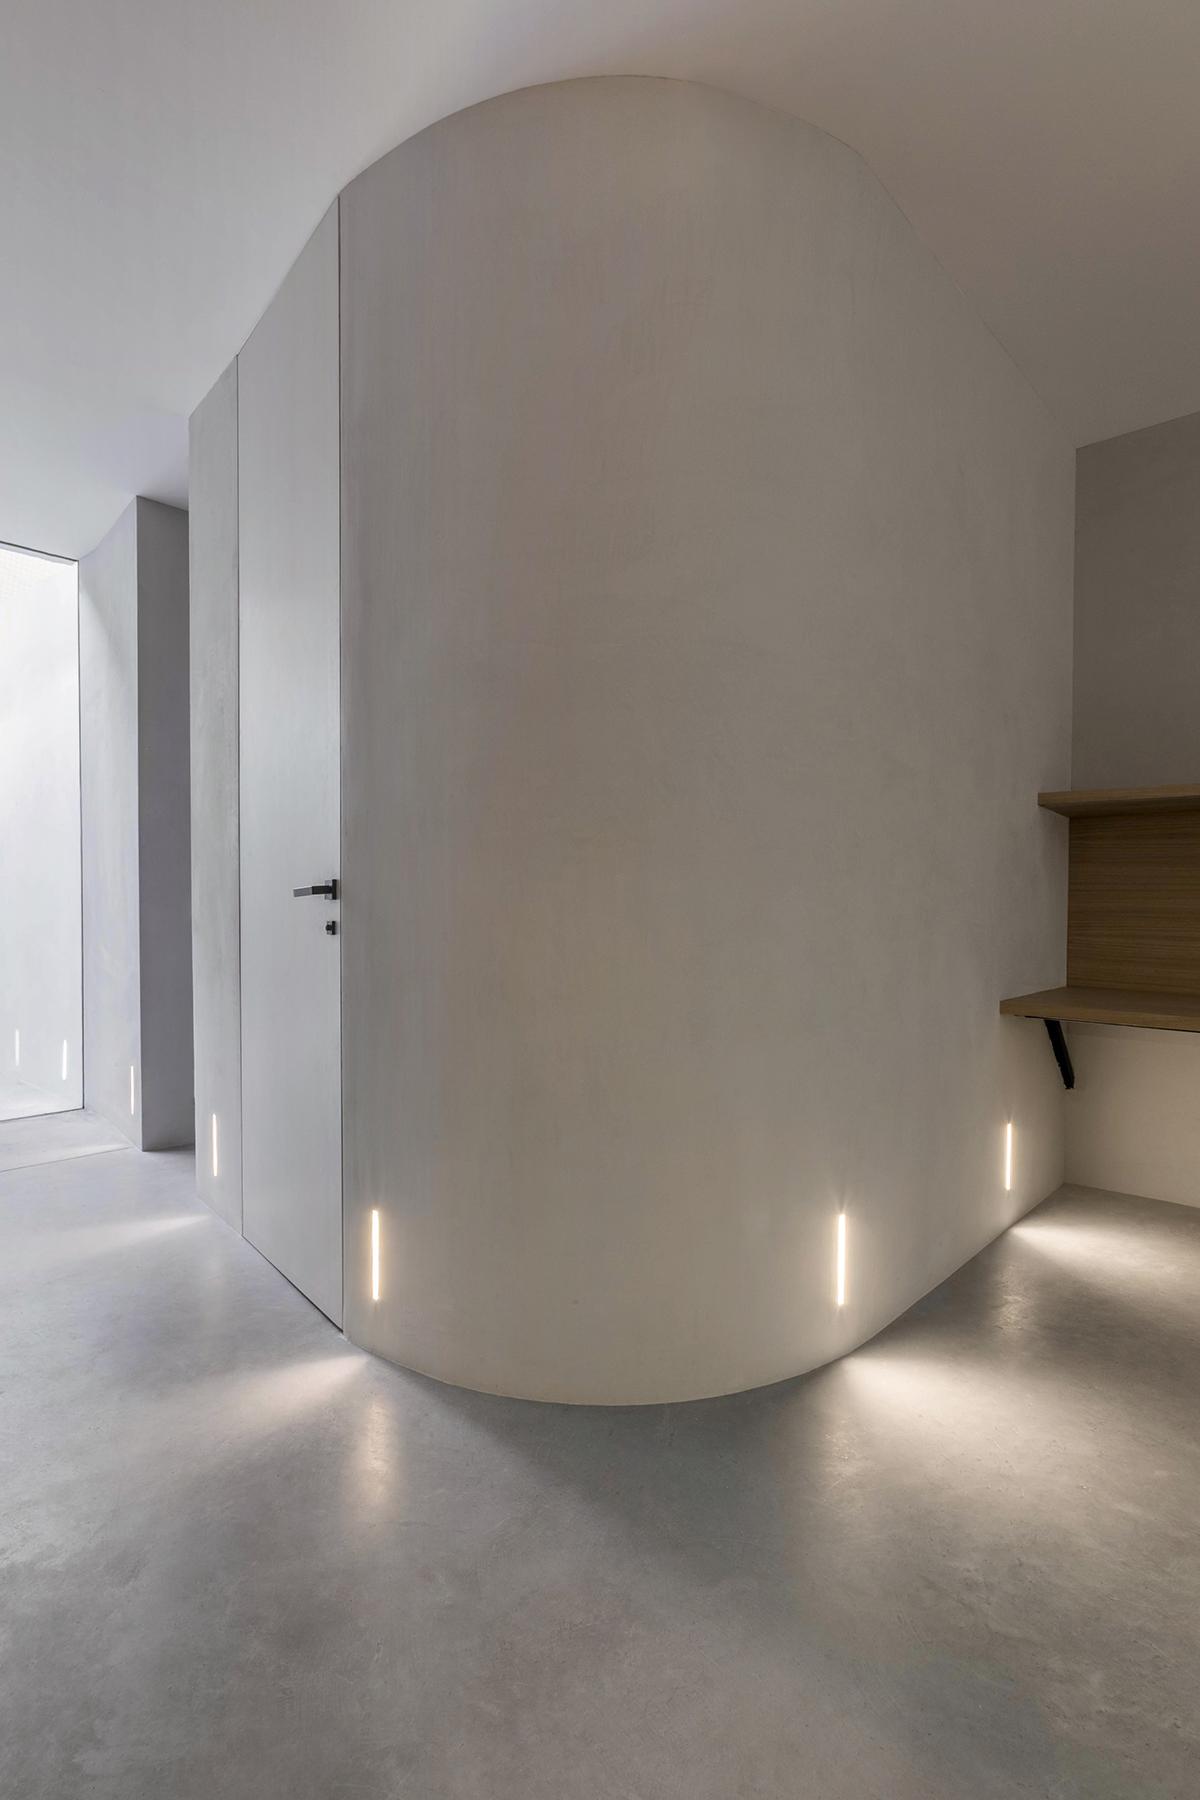 paredes curvas diseño interior Tiovivo